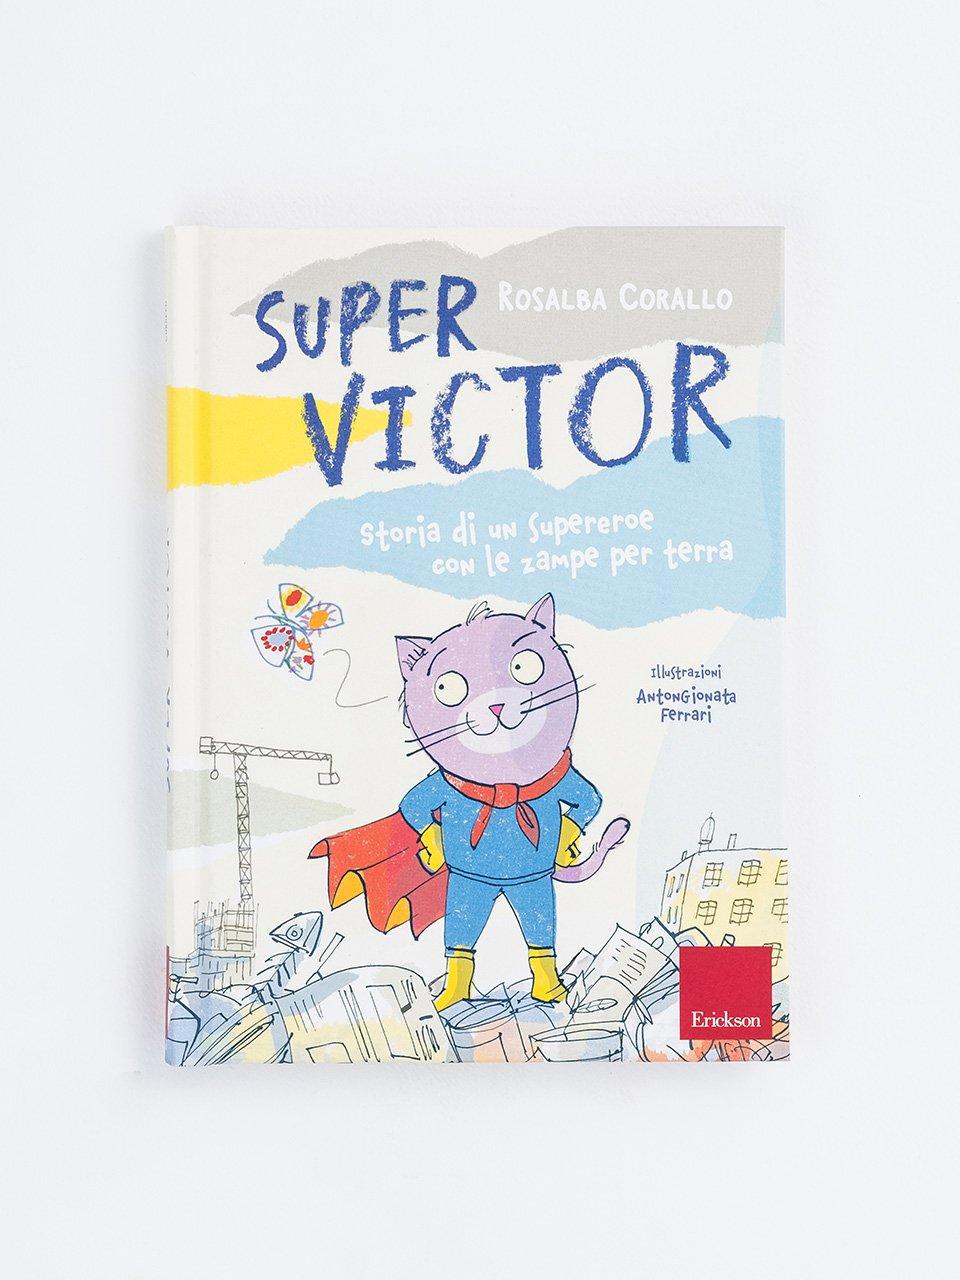 Super Victor - Rosalba Corallo - Erickson